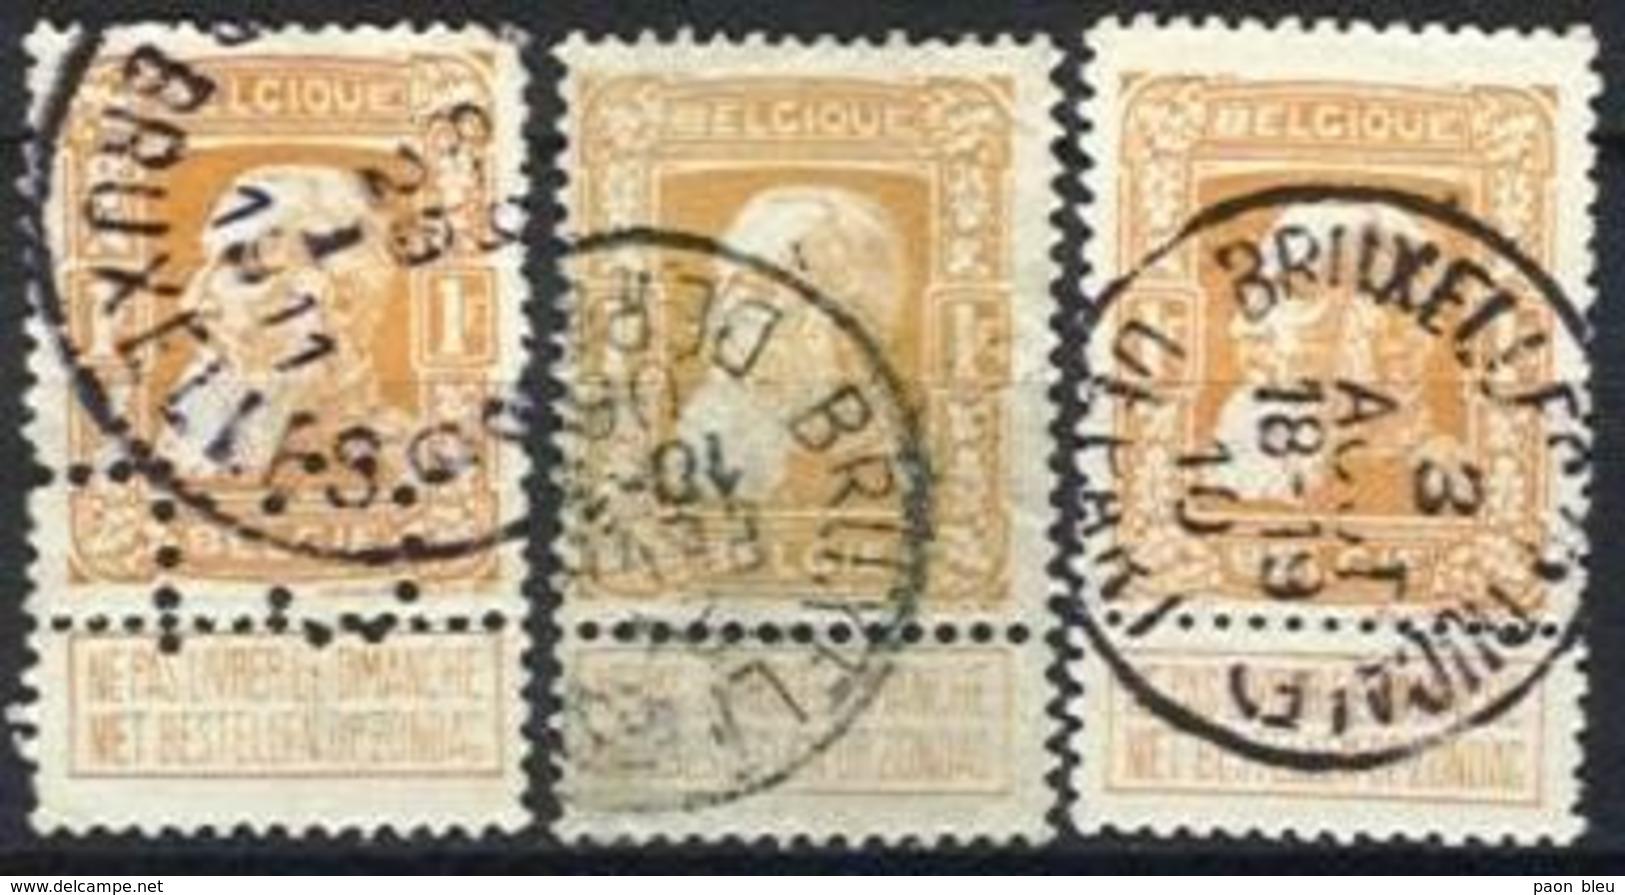 Belgique - Grosse Barbe N°79 Obl 3 Exemplaires Obl BRUXELLES DEPART, R.DUCALE, G, Dont Perforé CL - 1905 Barbas Largas